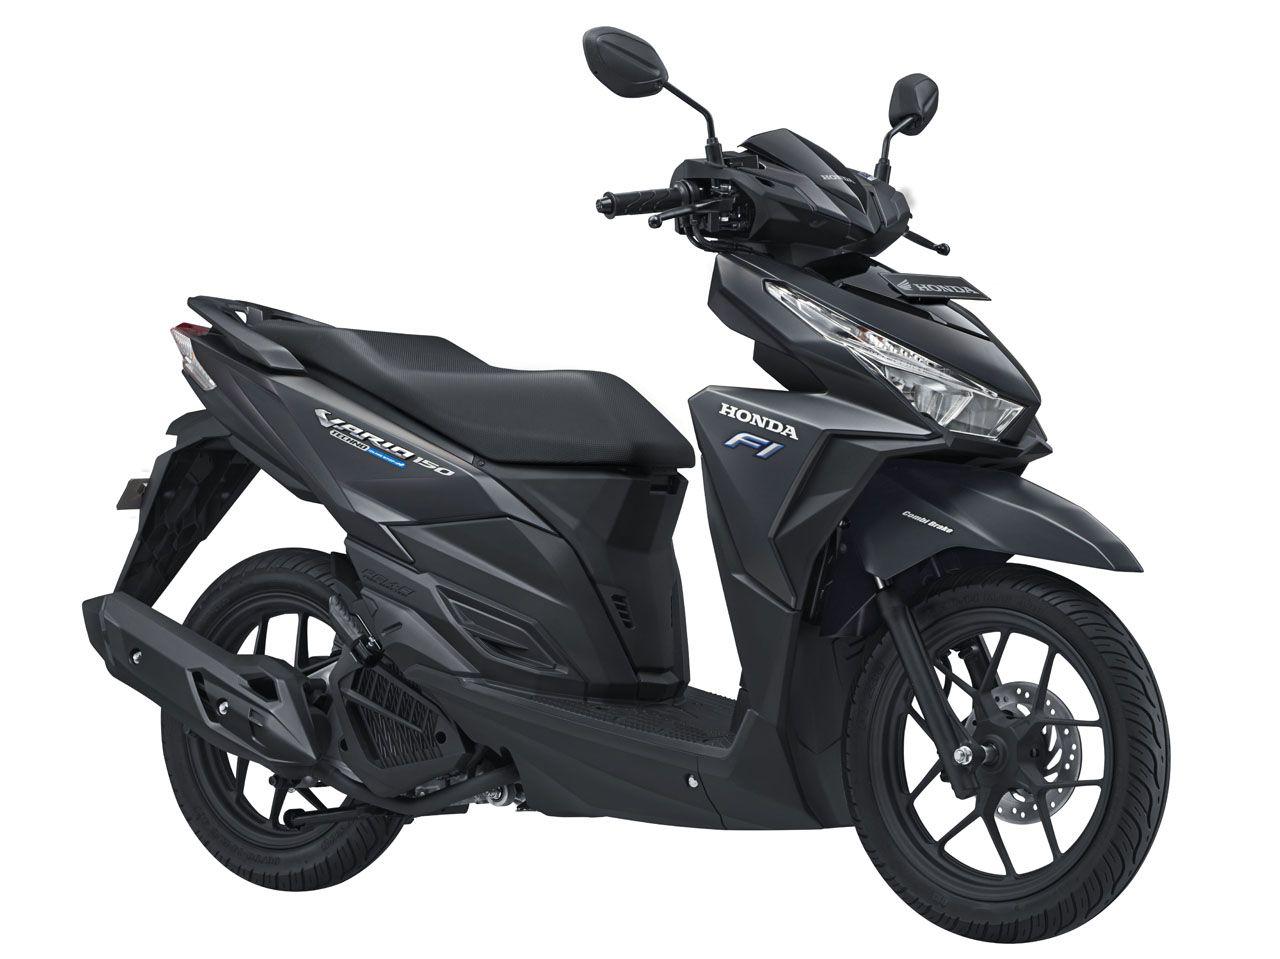 Mẫu xe máy Honda mới nhất - Vario 150 đã ra mắt thị trường Indonesia hồi tháng trước